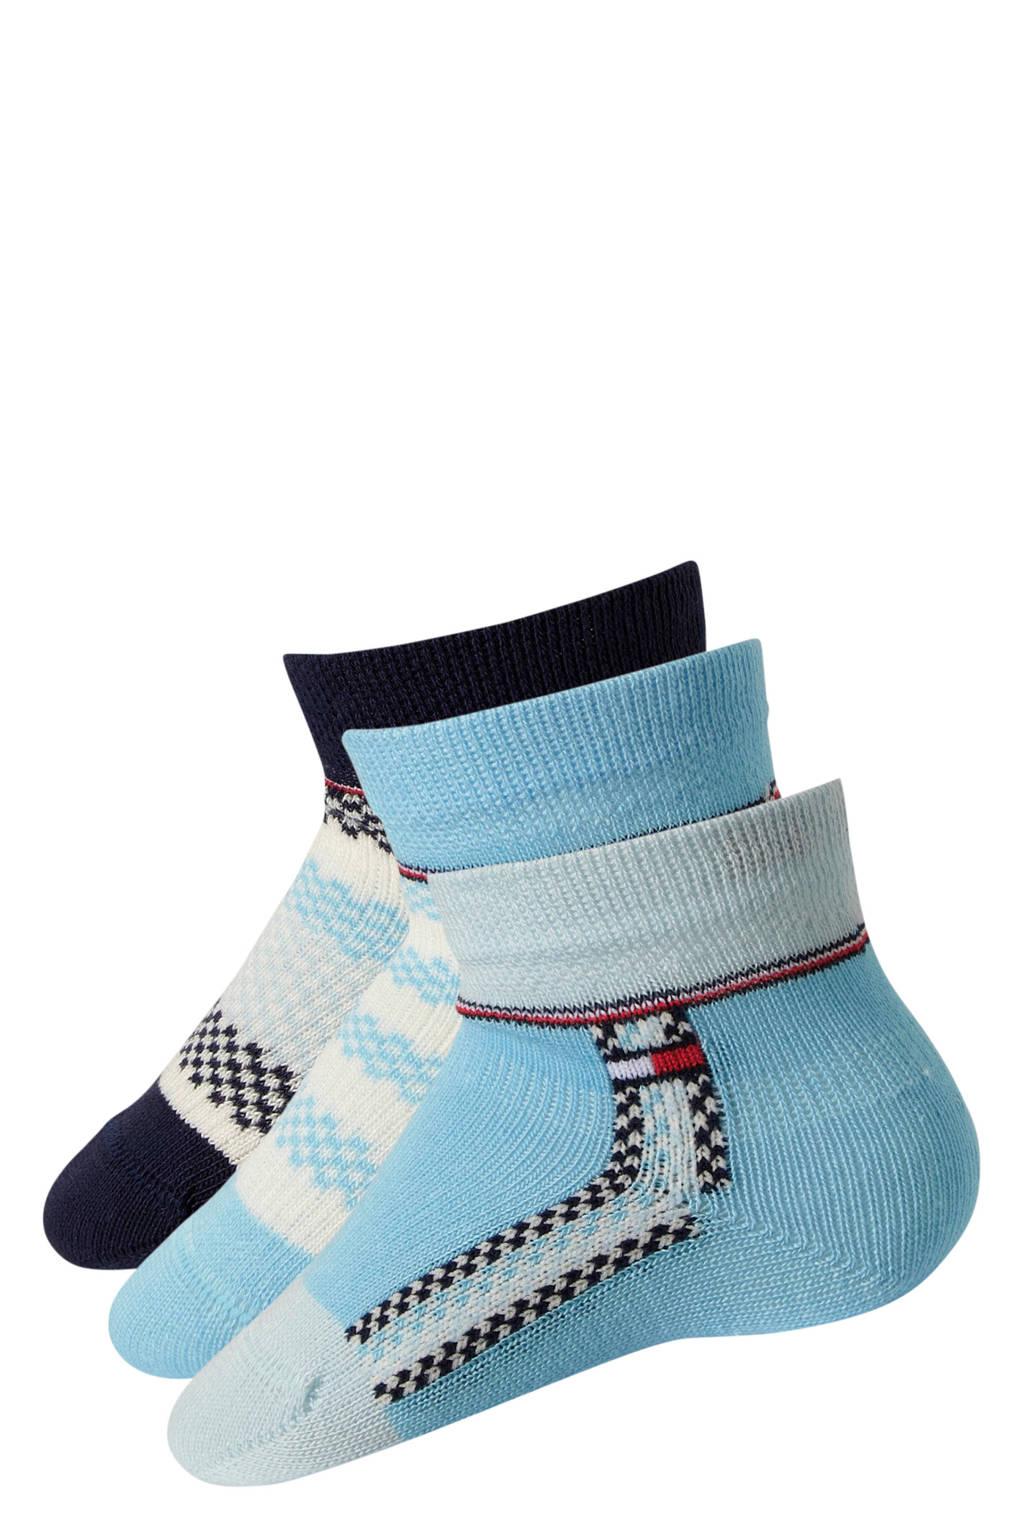 Tommy Hilfiger giftbox baby sokken ( 3 Paar ) lichtblauw, Lichtblauw/blauw/donkerblauw